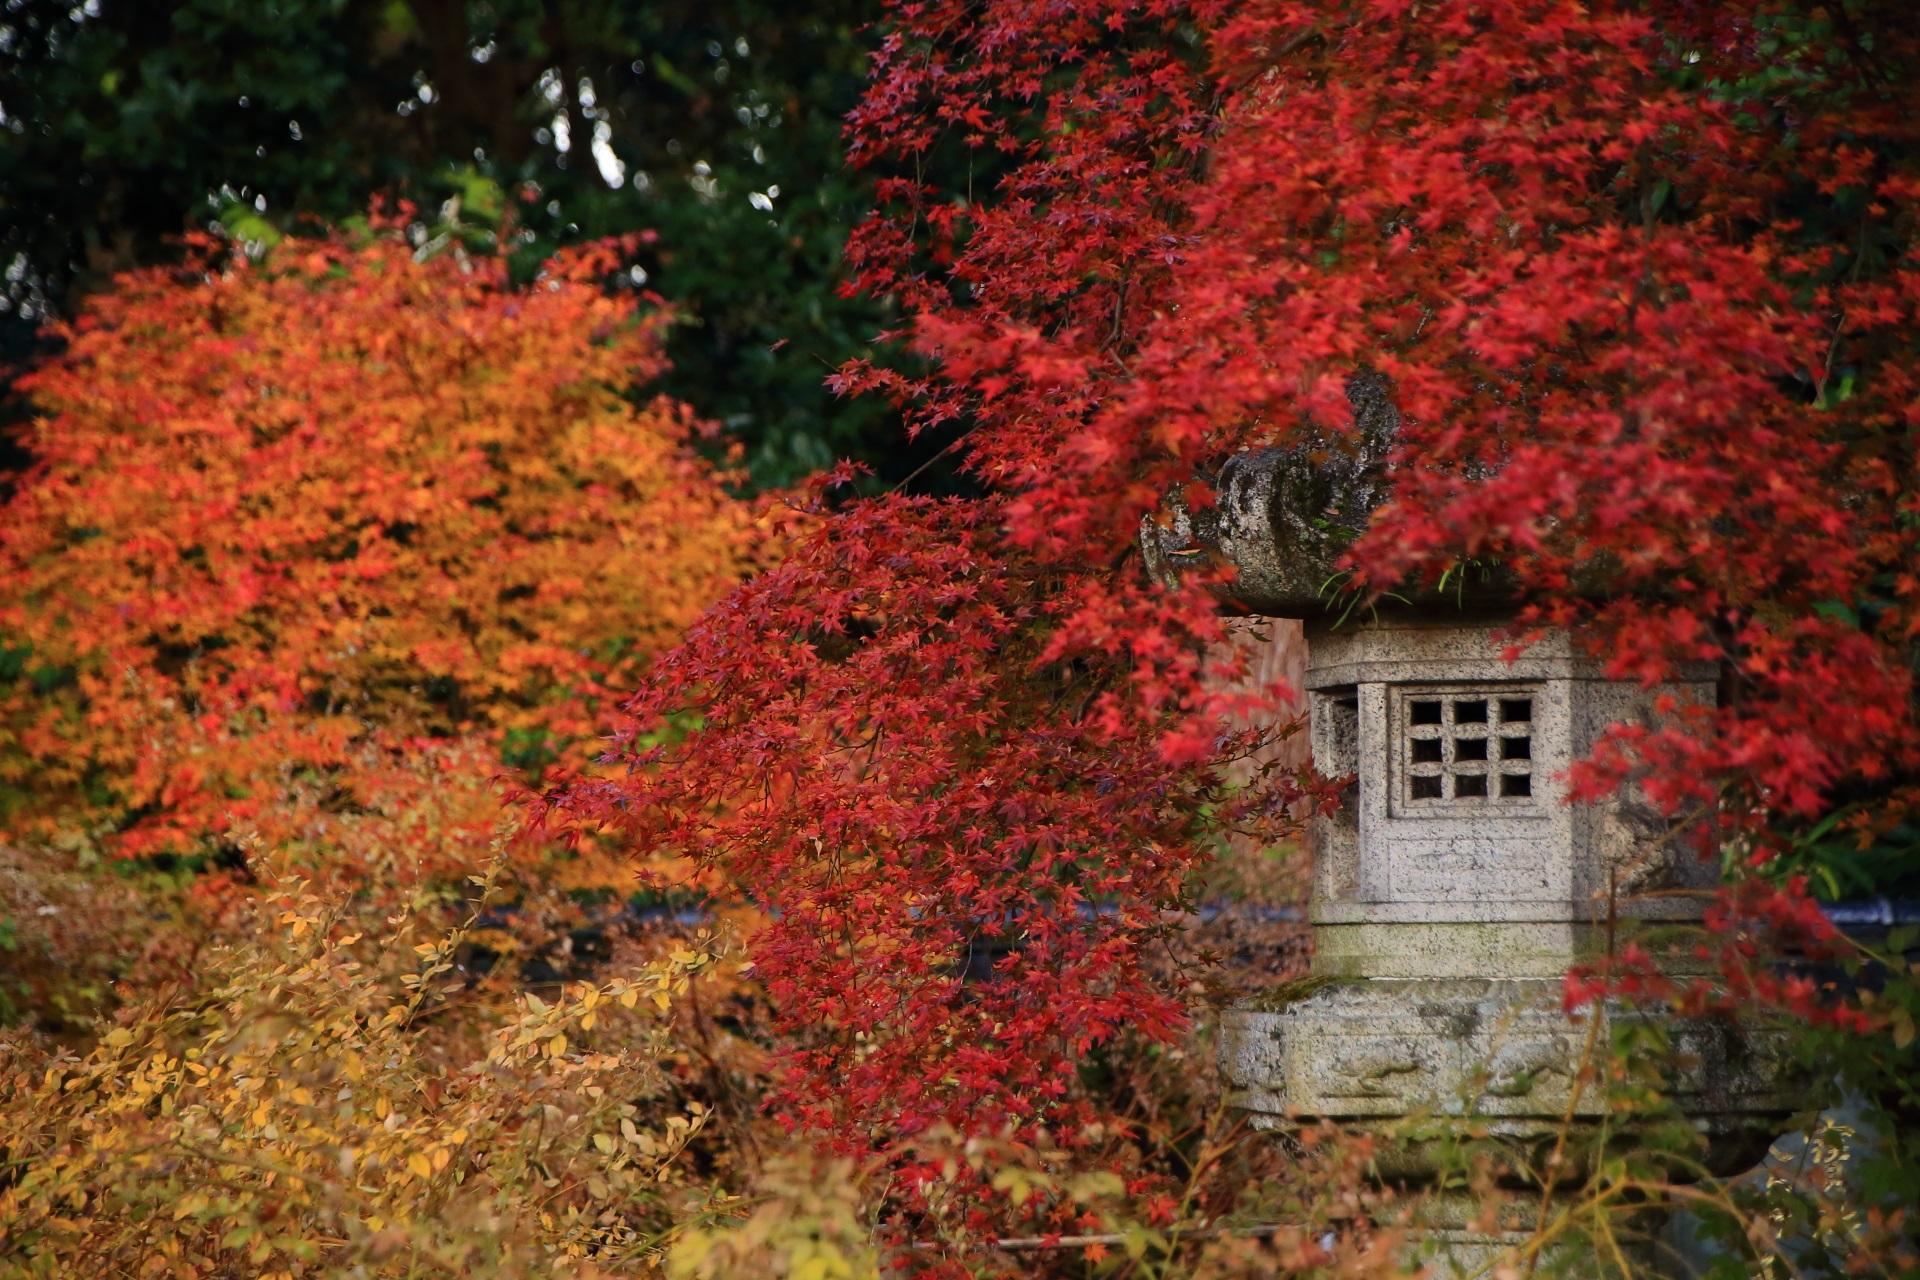 色とりどりの紅葉や秋につつまれる燈籠